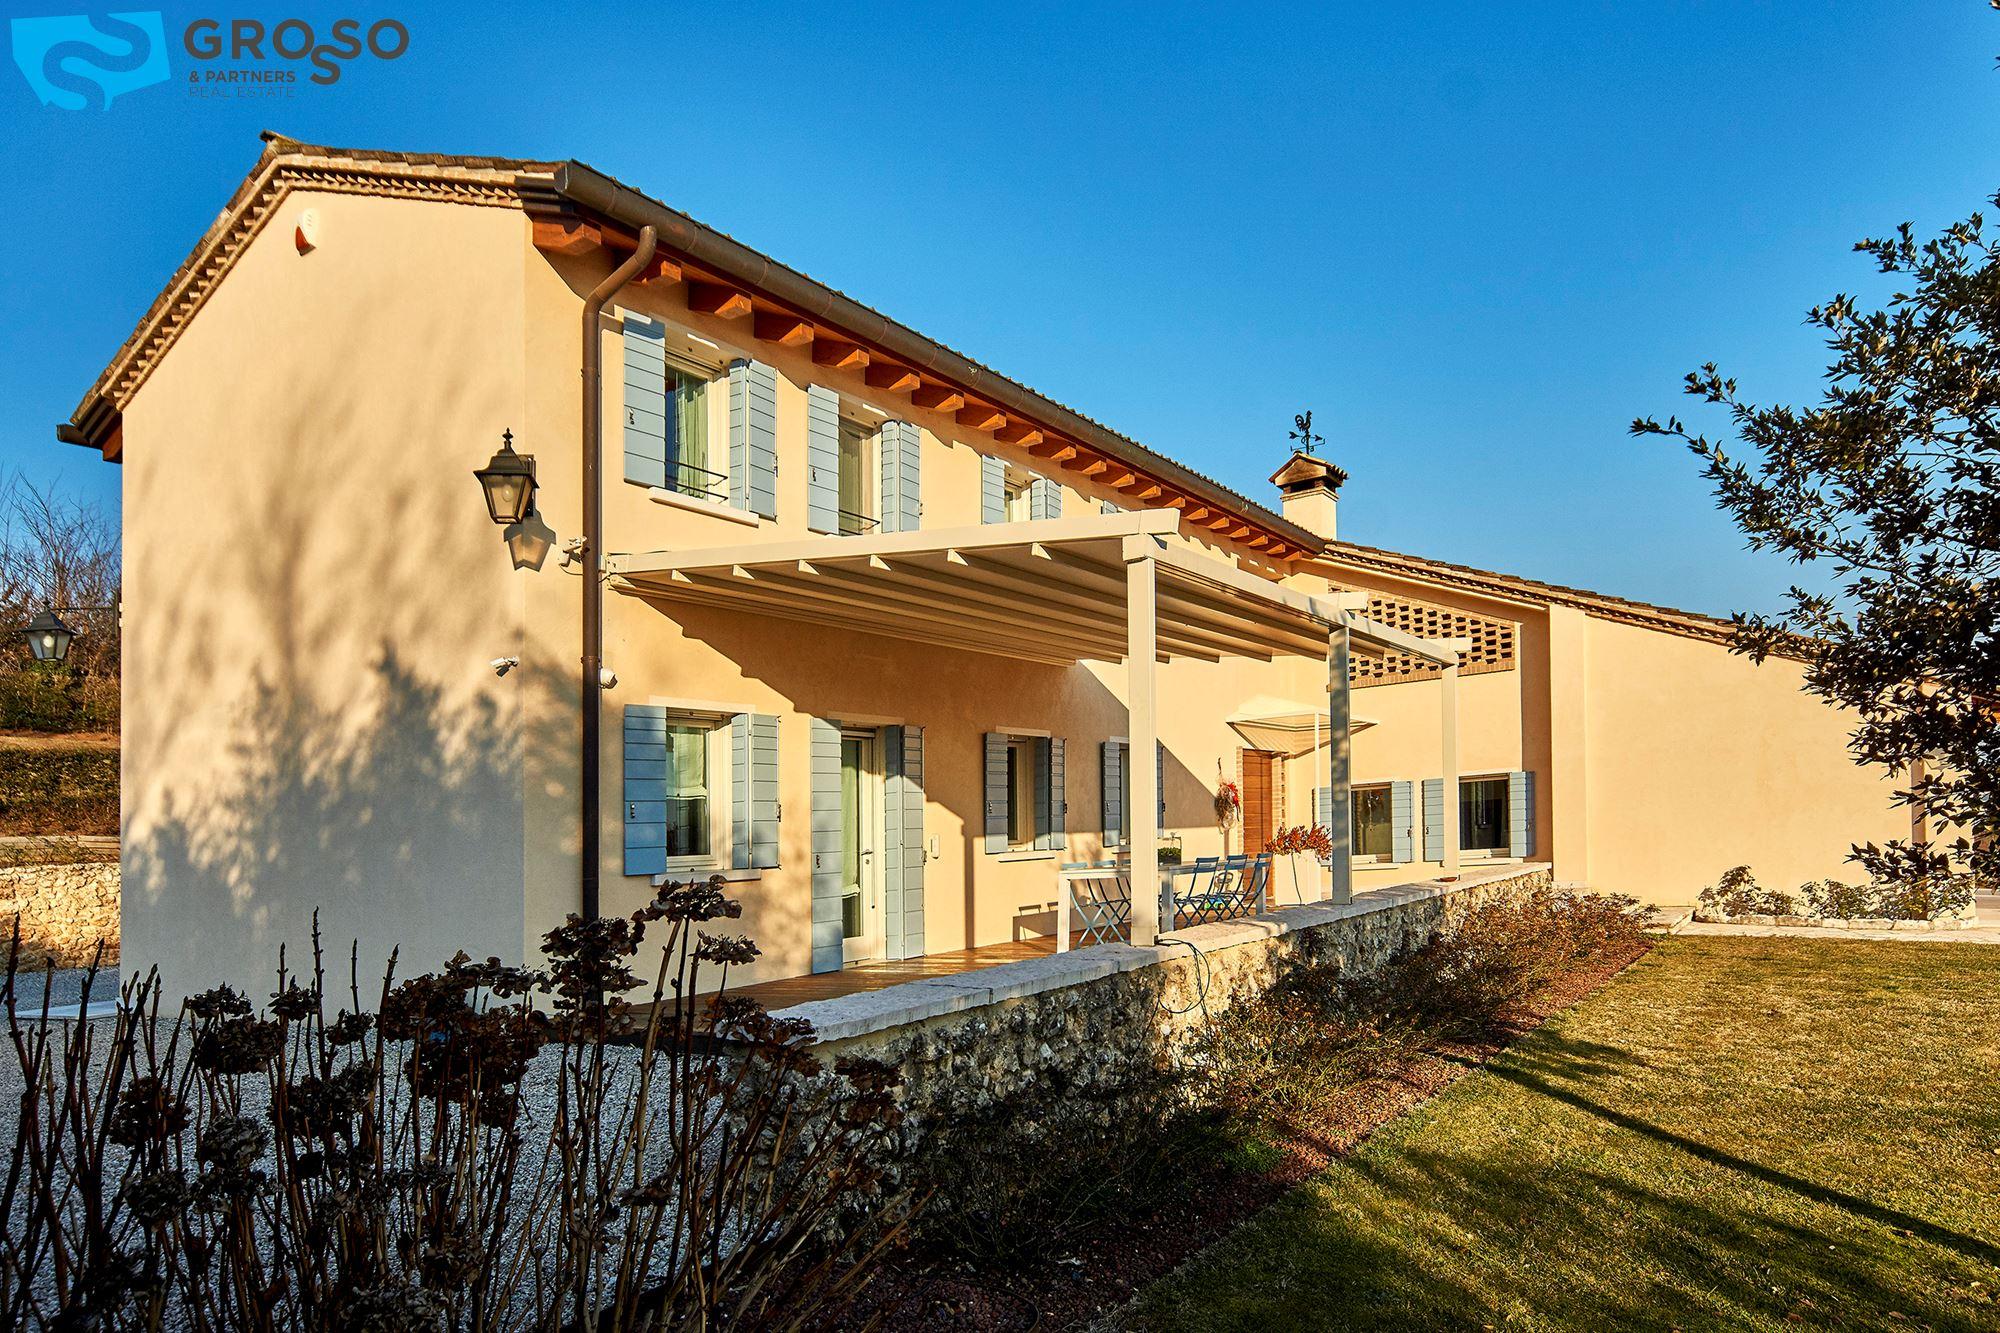 vendita rustico a montebelluna grosso partners immobiliare